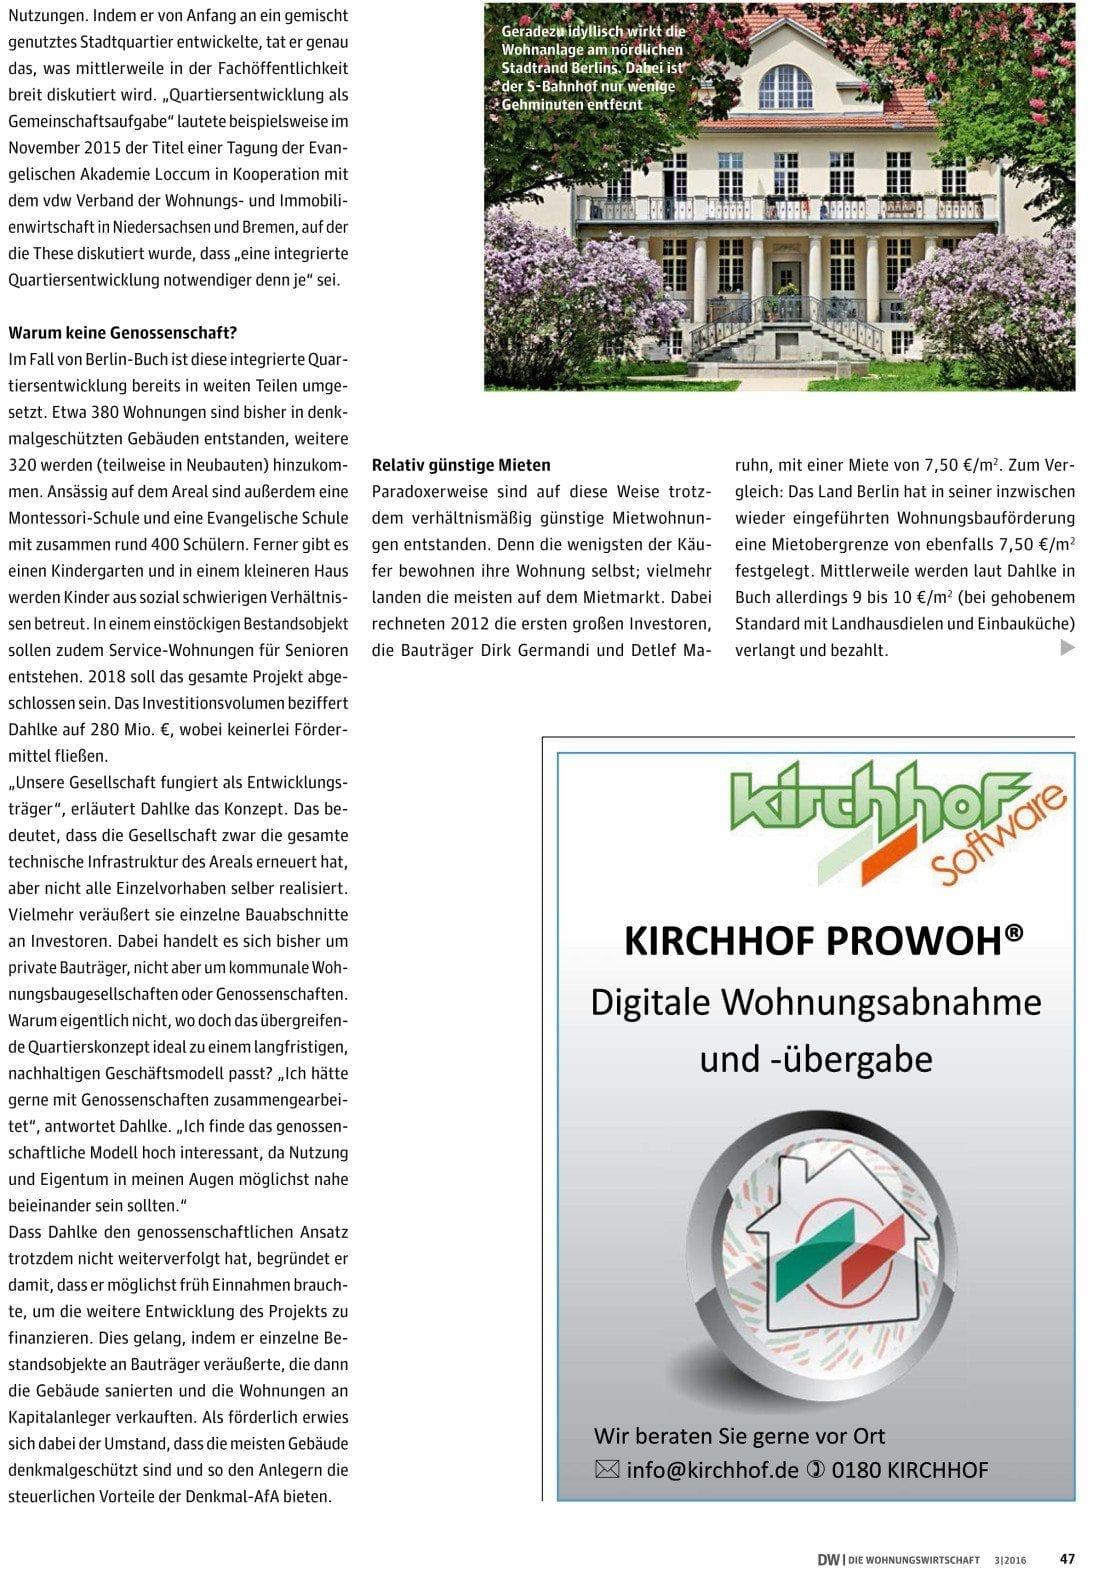 246-49_DW0116_Ludwig-Hoffmann-Quartier_02_DF-2